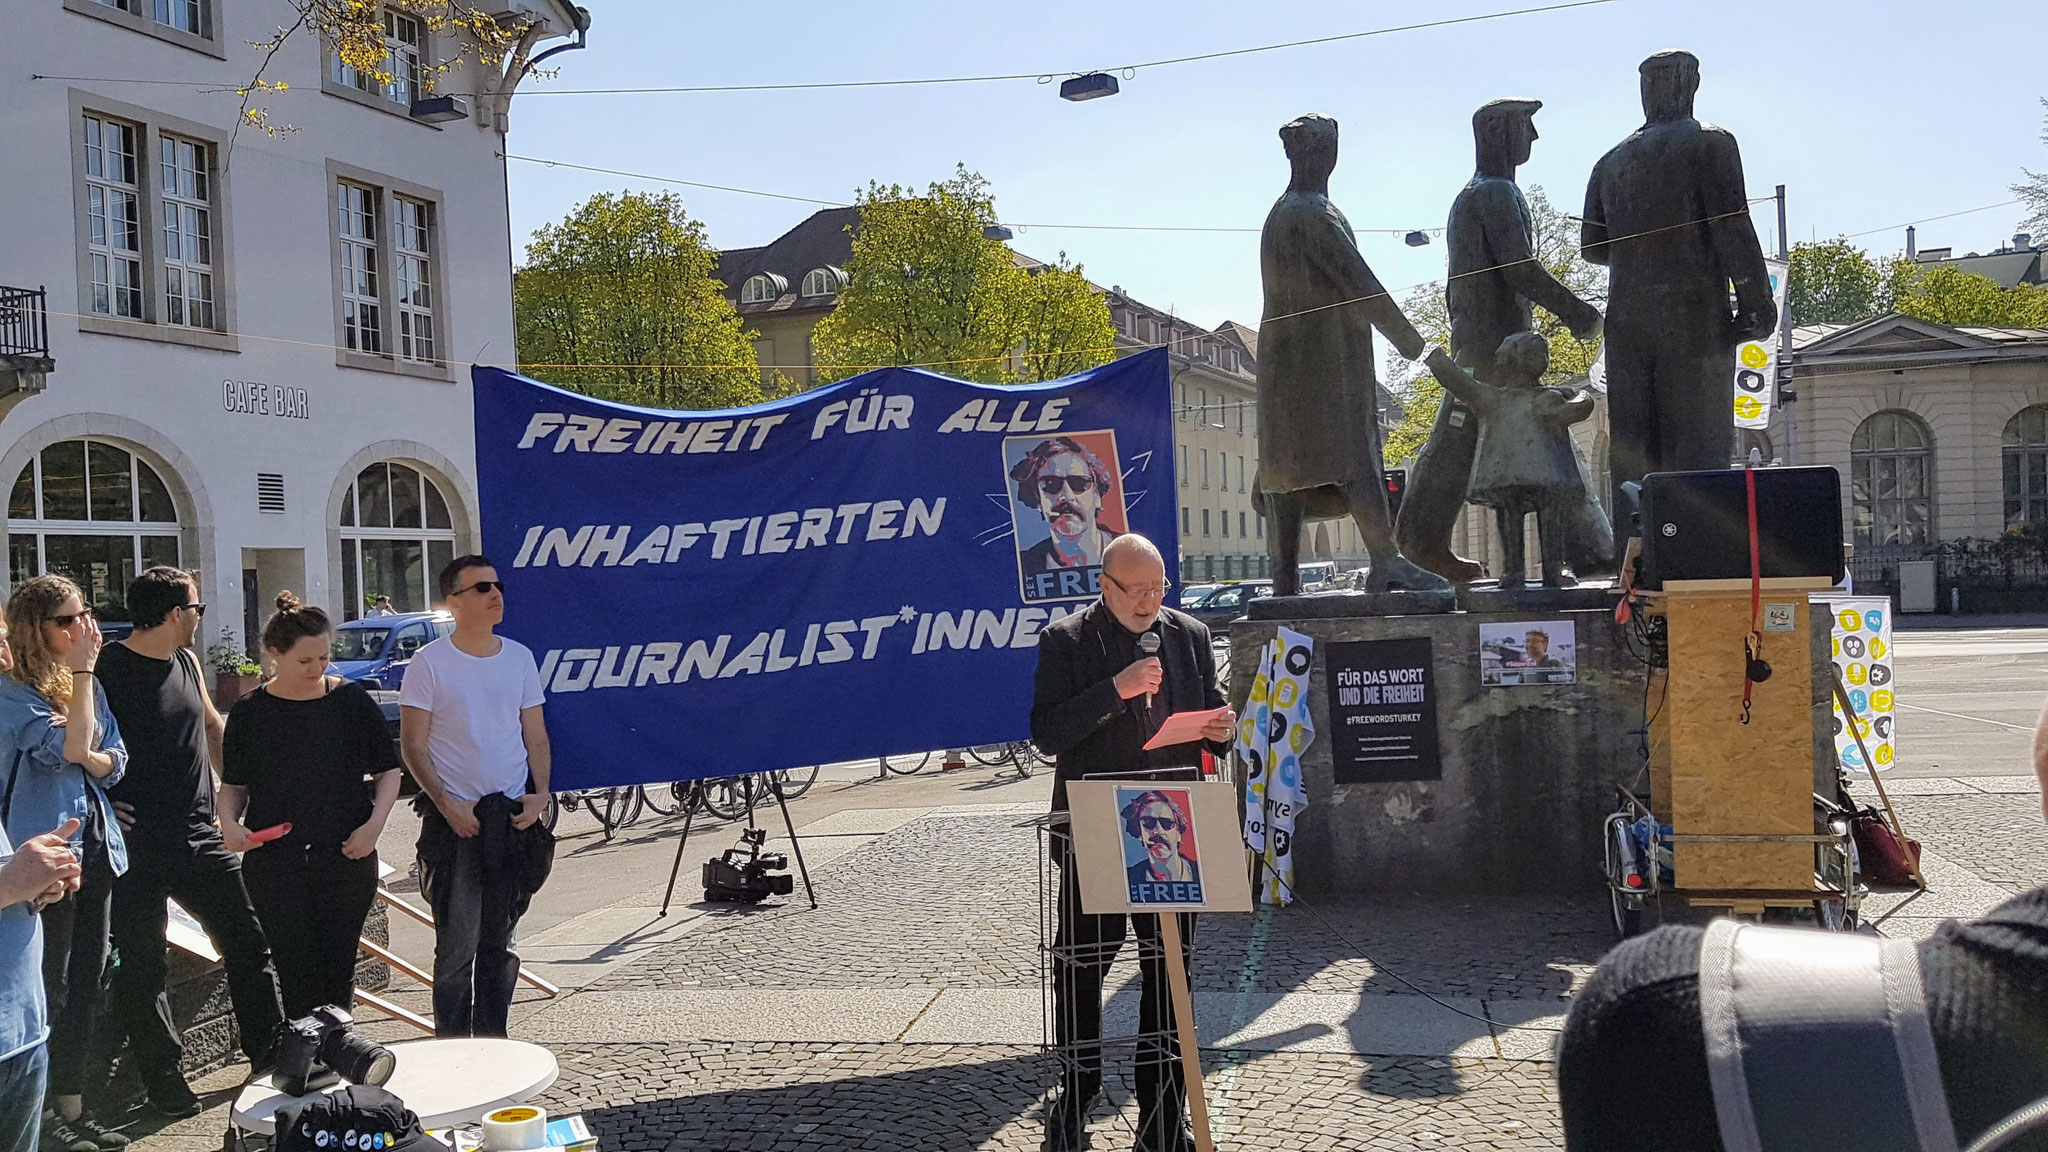 Kundgebung für Pressefreiheit auf dem Helvetiaplatz bei der Skulptur von Karl Geiser. Links das Volkshaus, rechts hinten das Kanzleiareal.